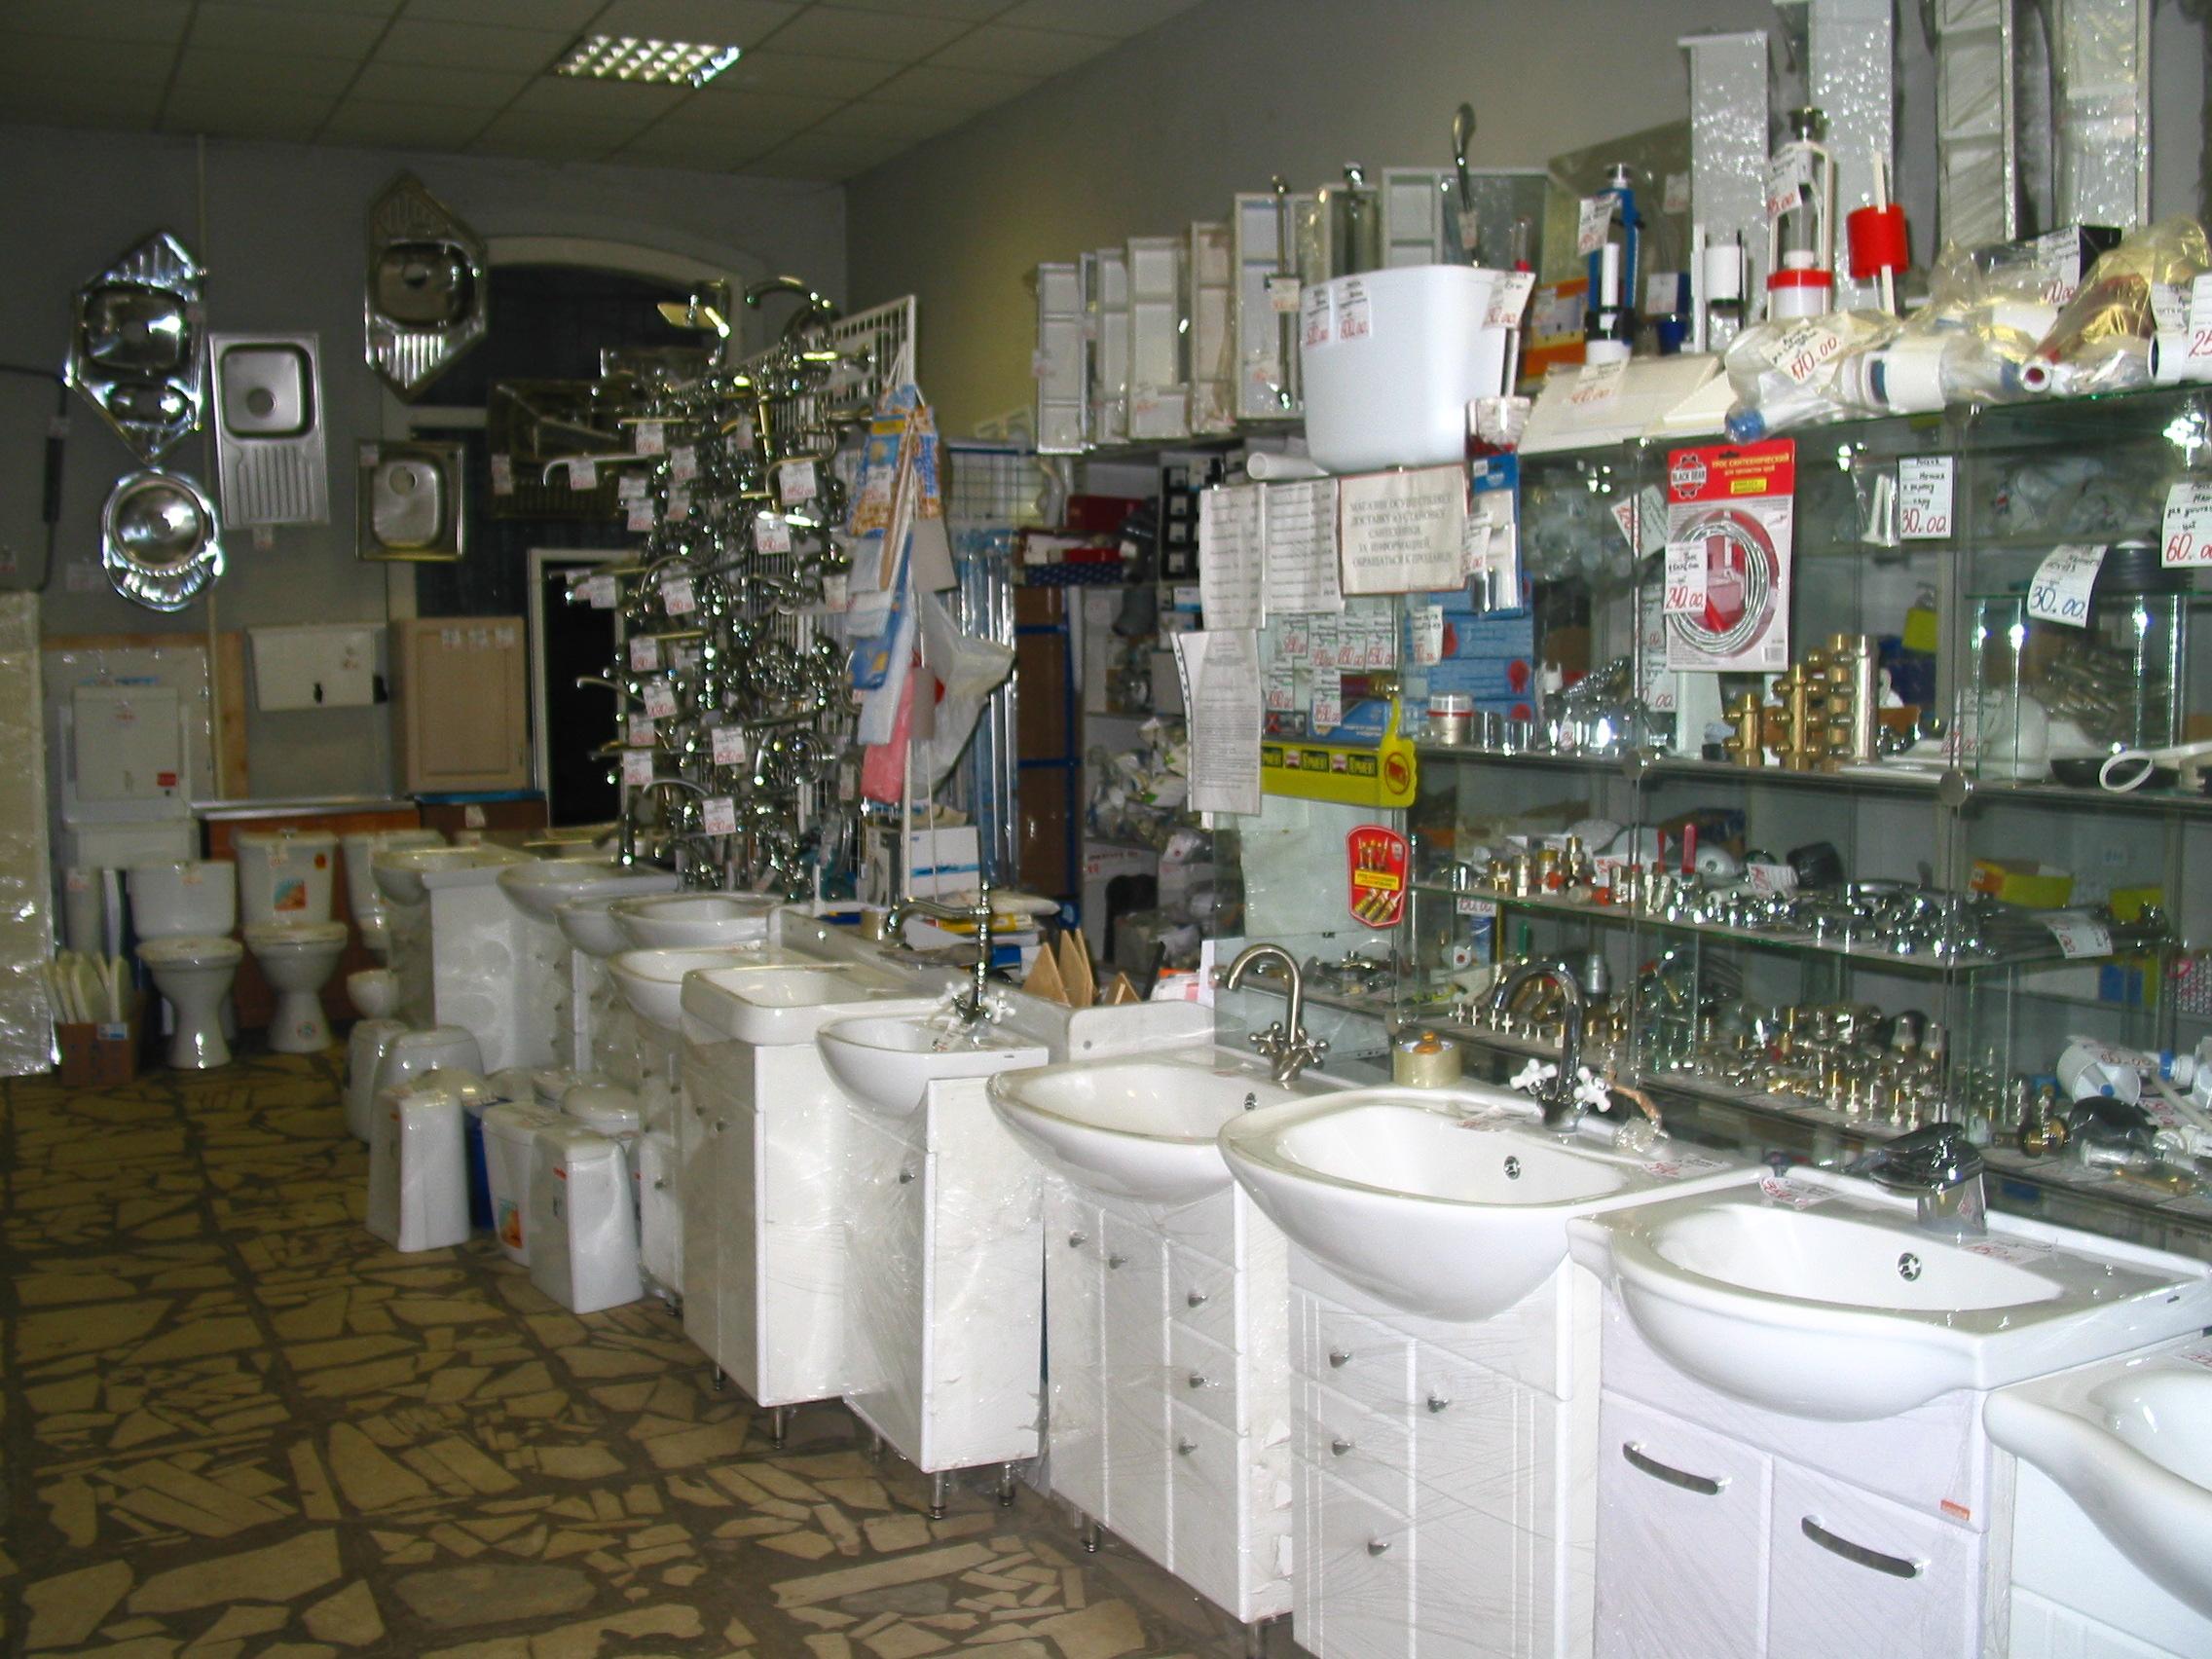 Сантехника фото магазинов итальянская сантехника, екатеринбург